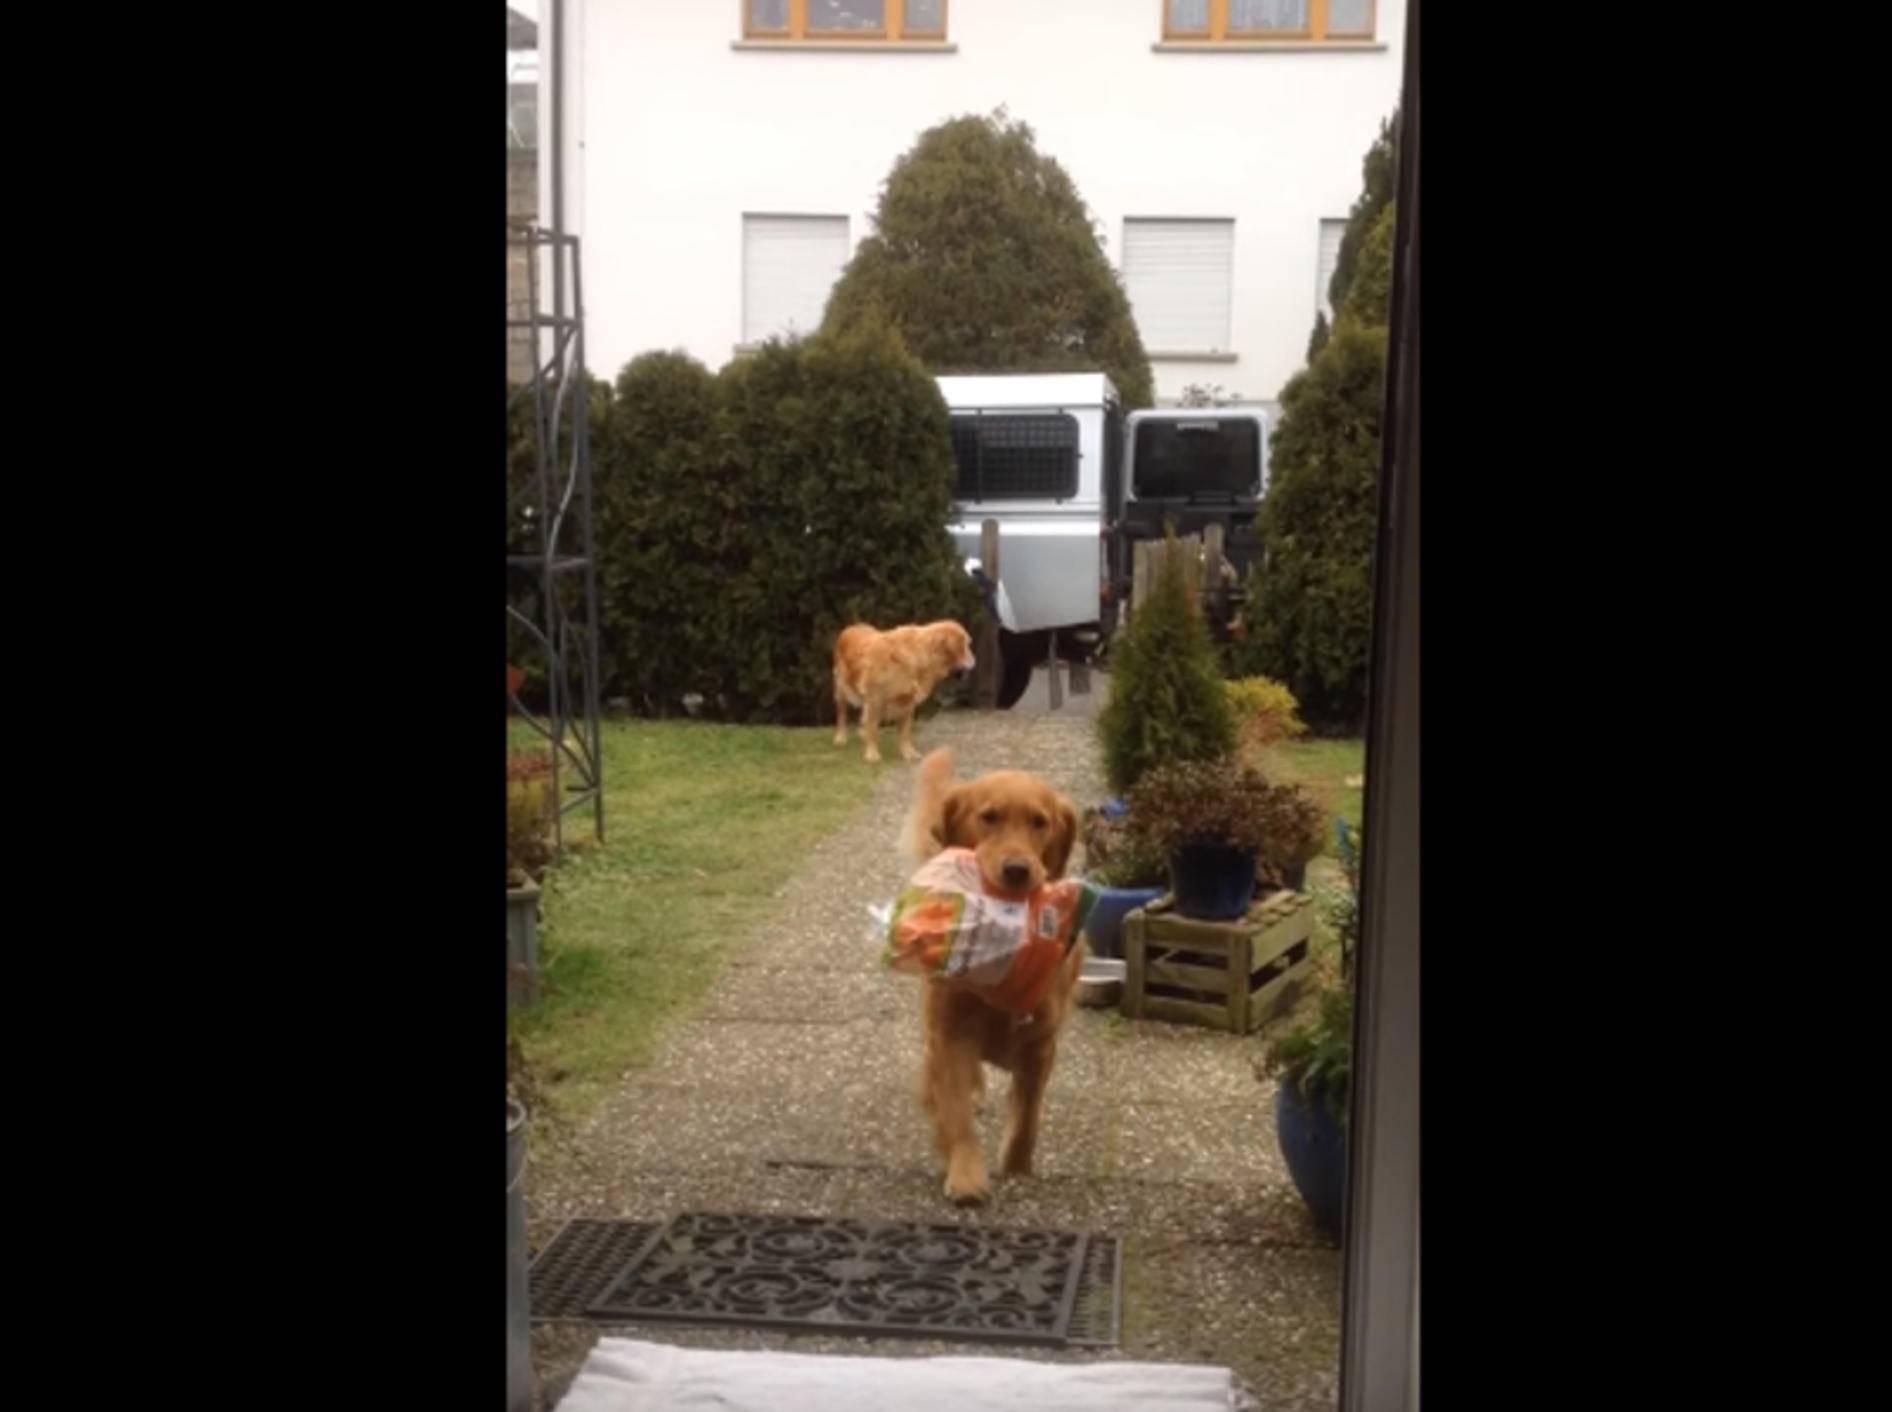 Brave Golden Retriever tragen die Einkäufe rein – Bild: YouTube / Bianca Richter